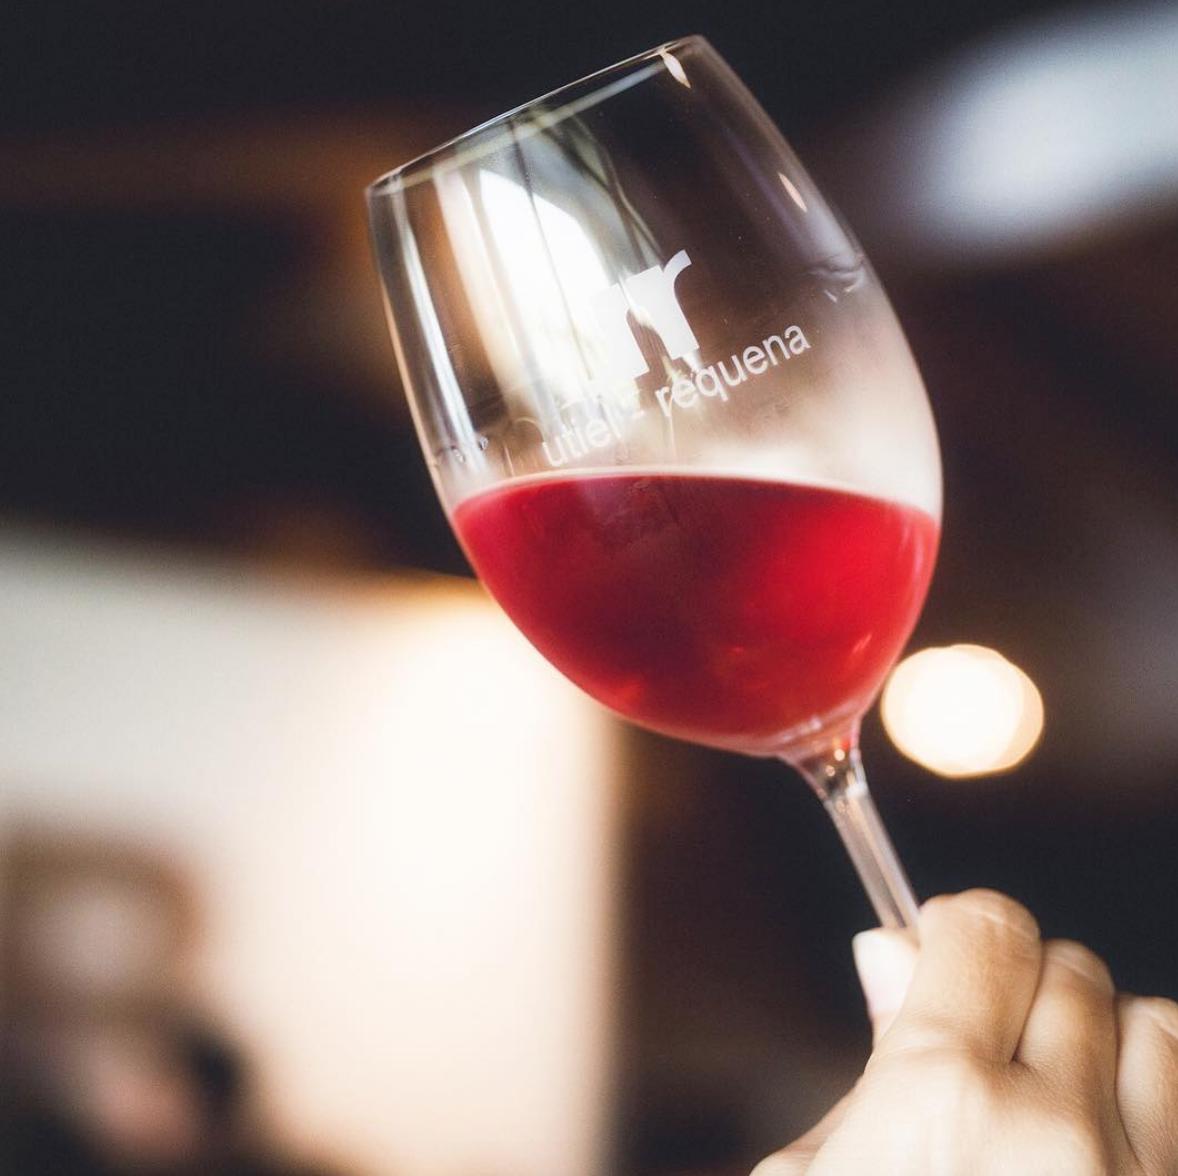 Qué es el cuerpo del vino y cuáles son las claves para valorarlo